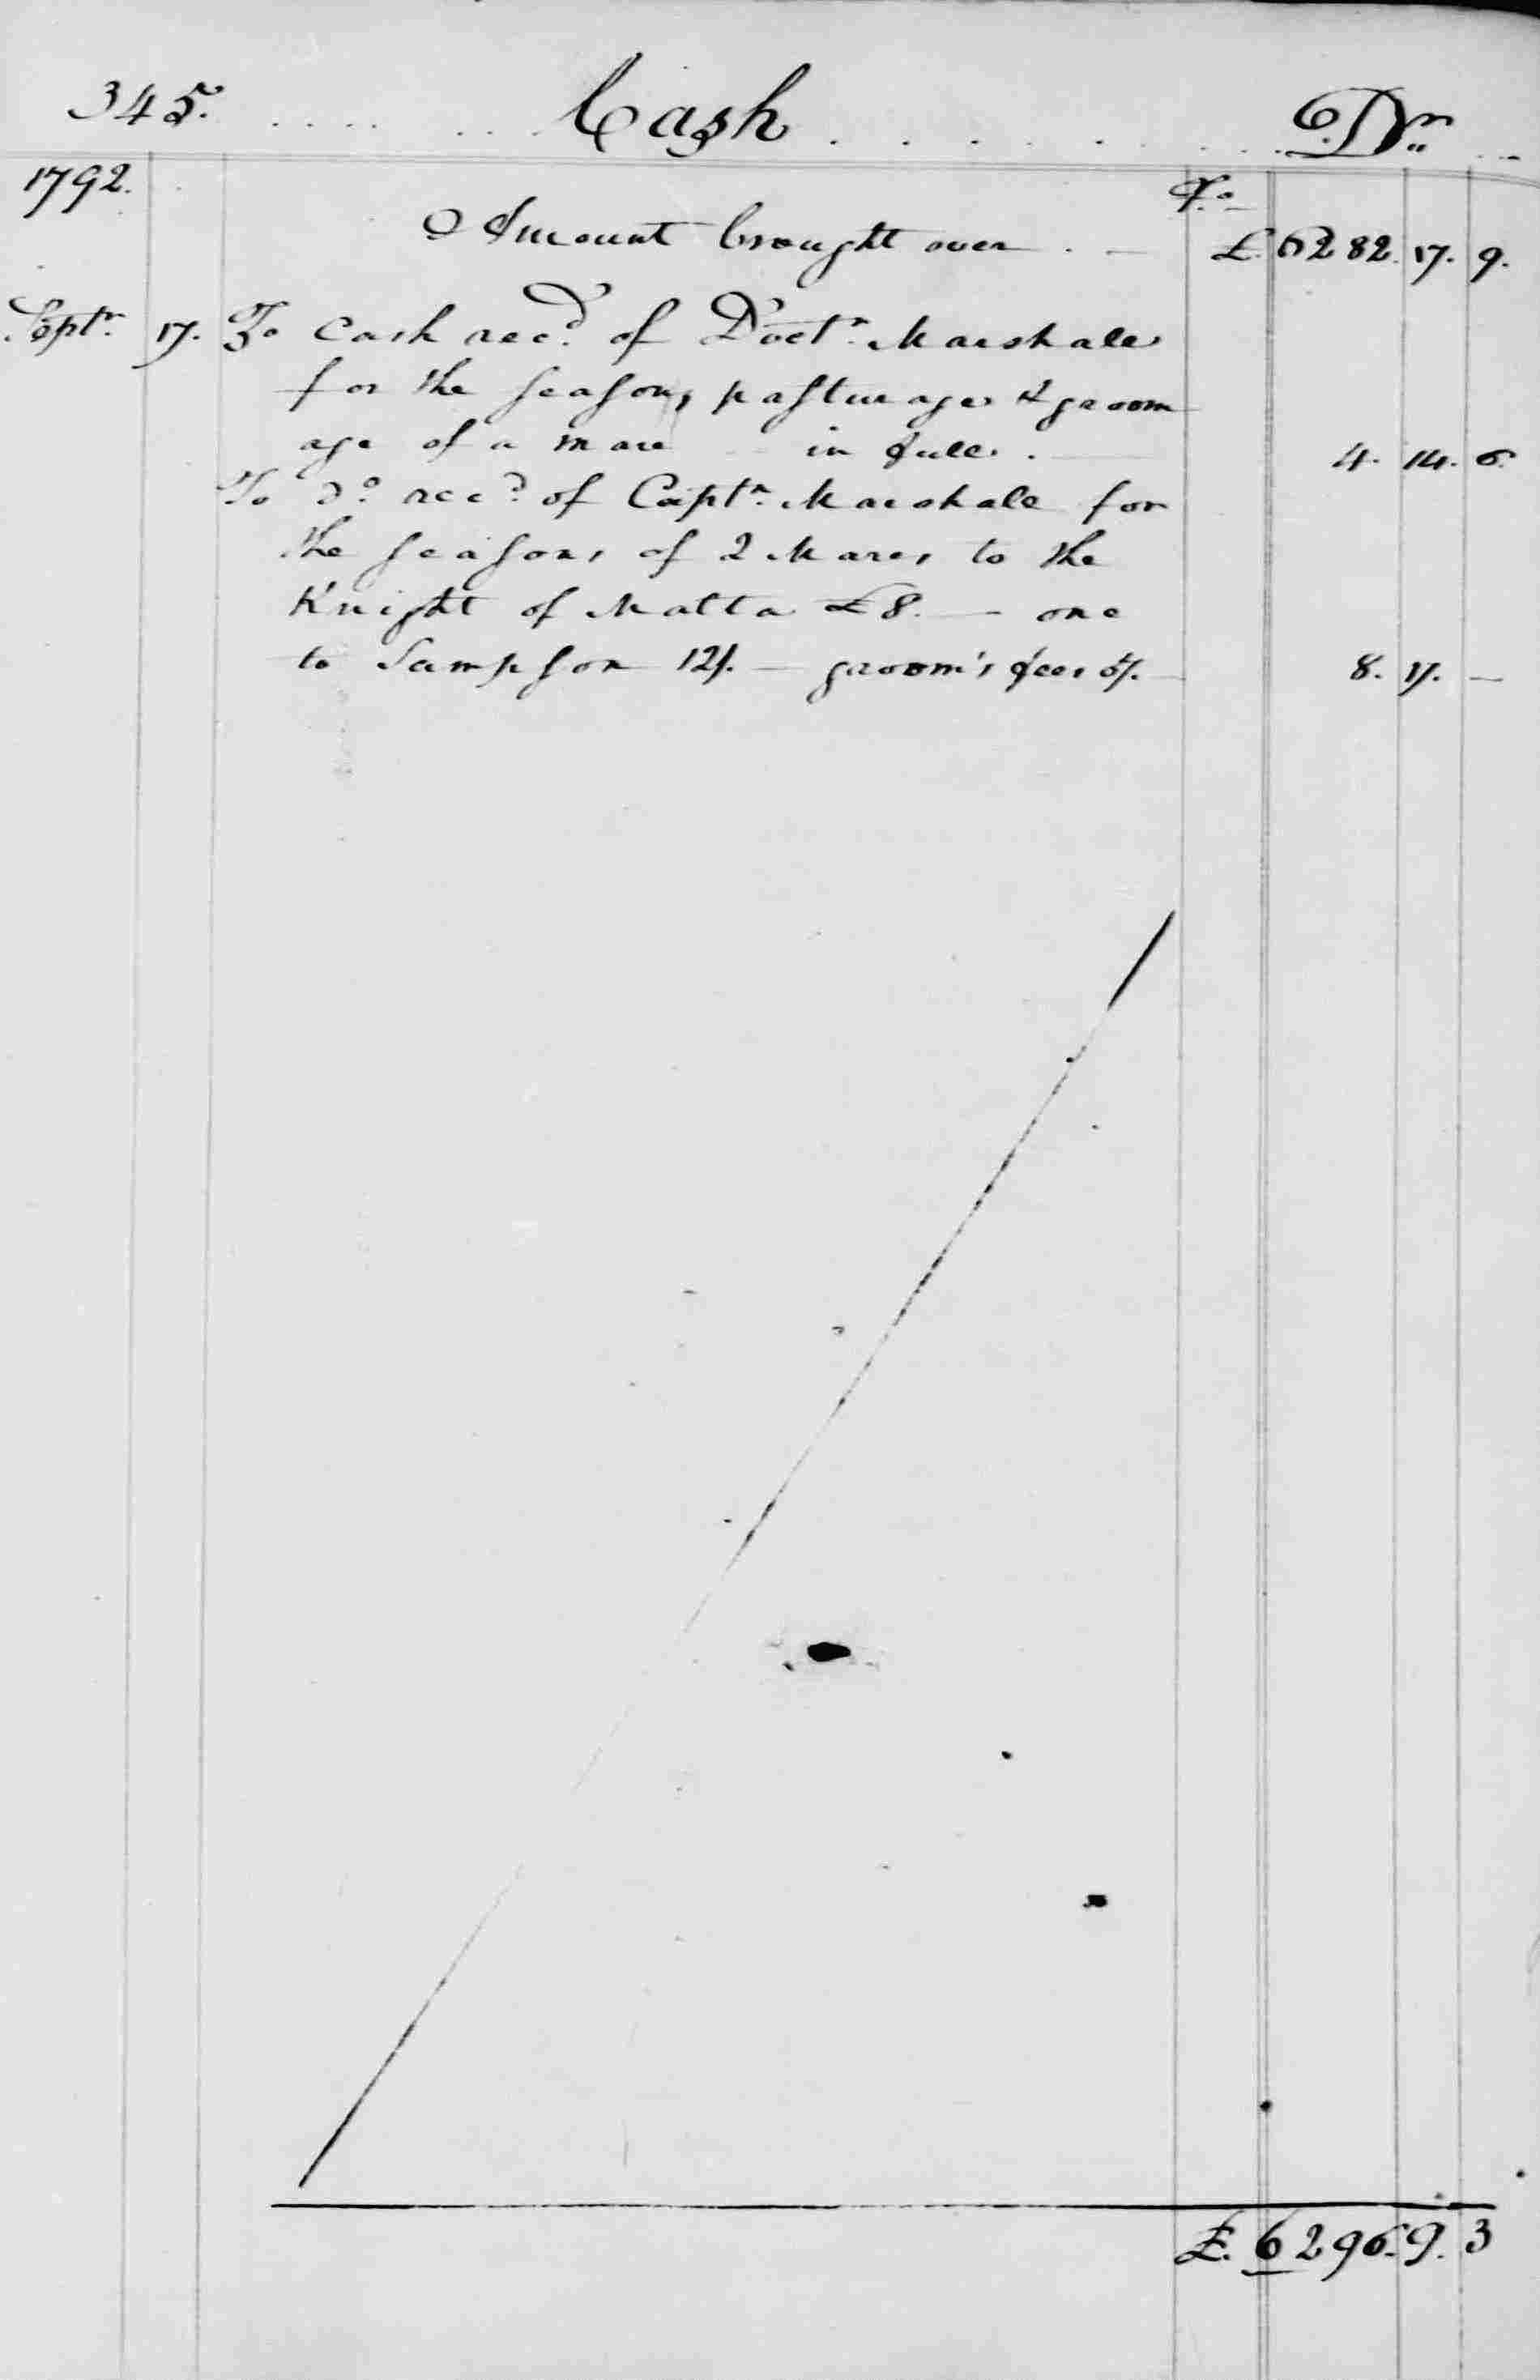 Ledger B, folio 345, left side